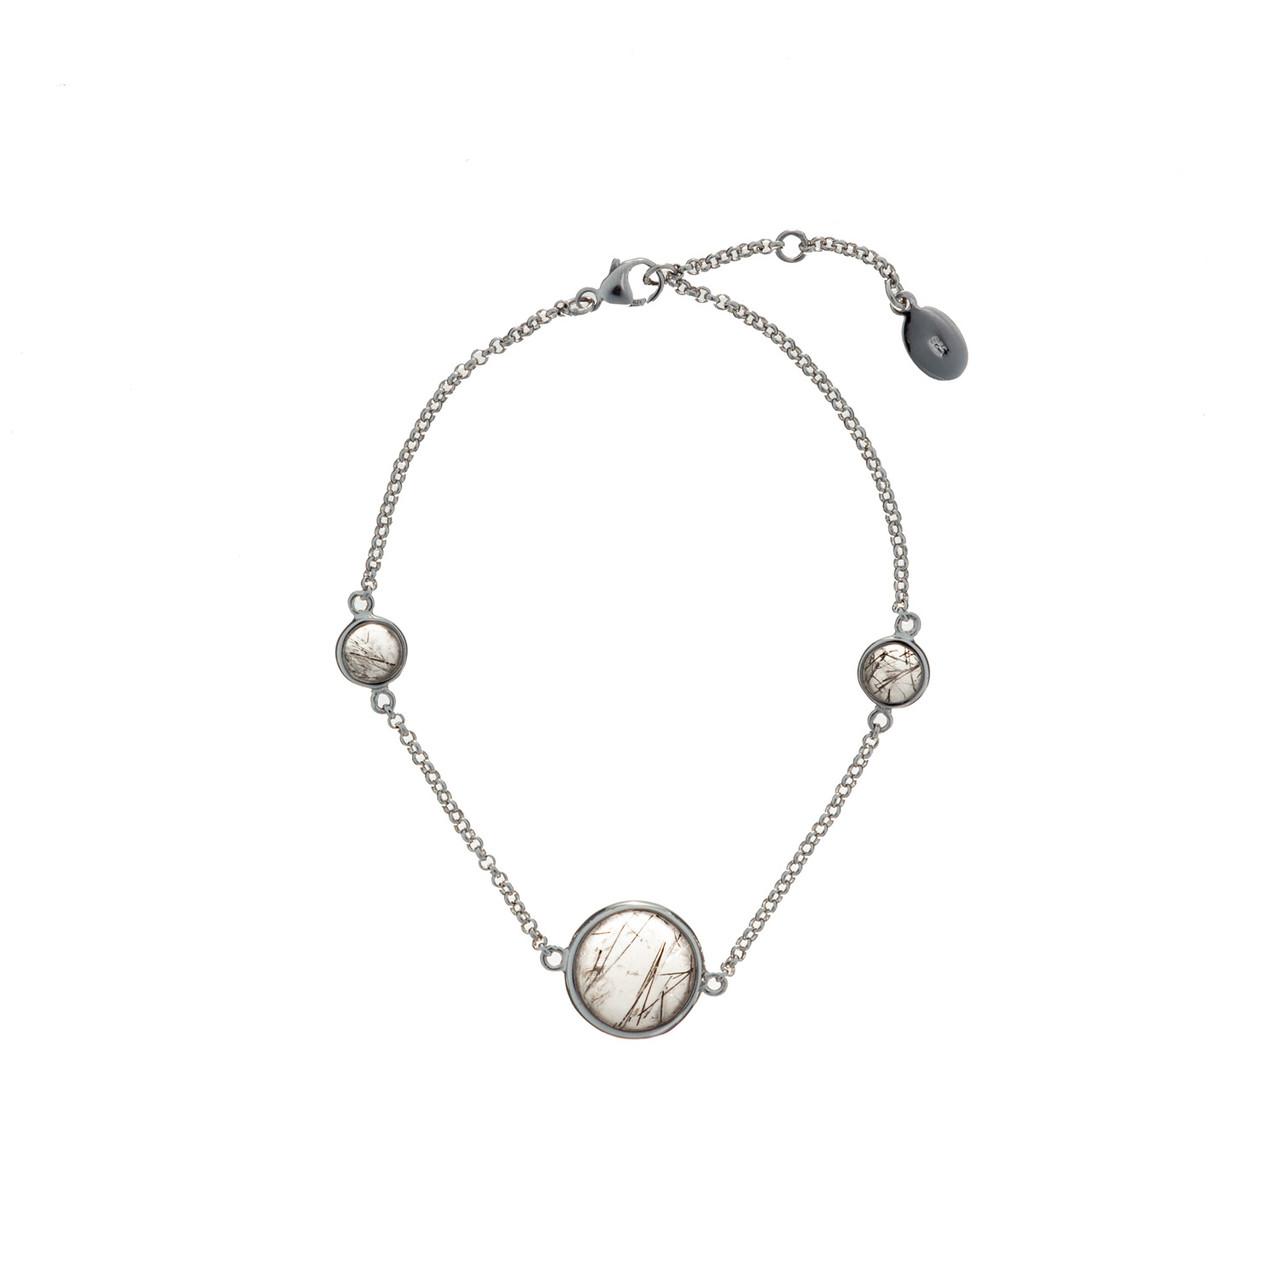 Серебряный браслет с натуральными камнями Brosh Jewellery (Серебро 925) покрытие родий, вставка Рутил